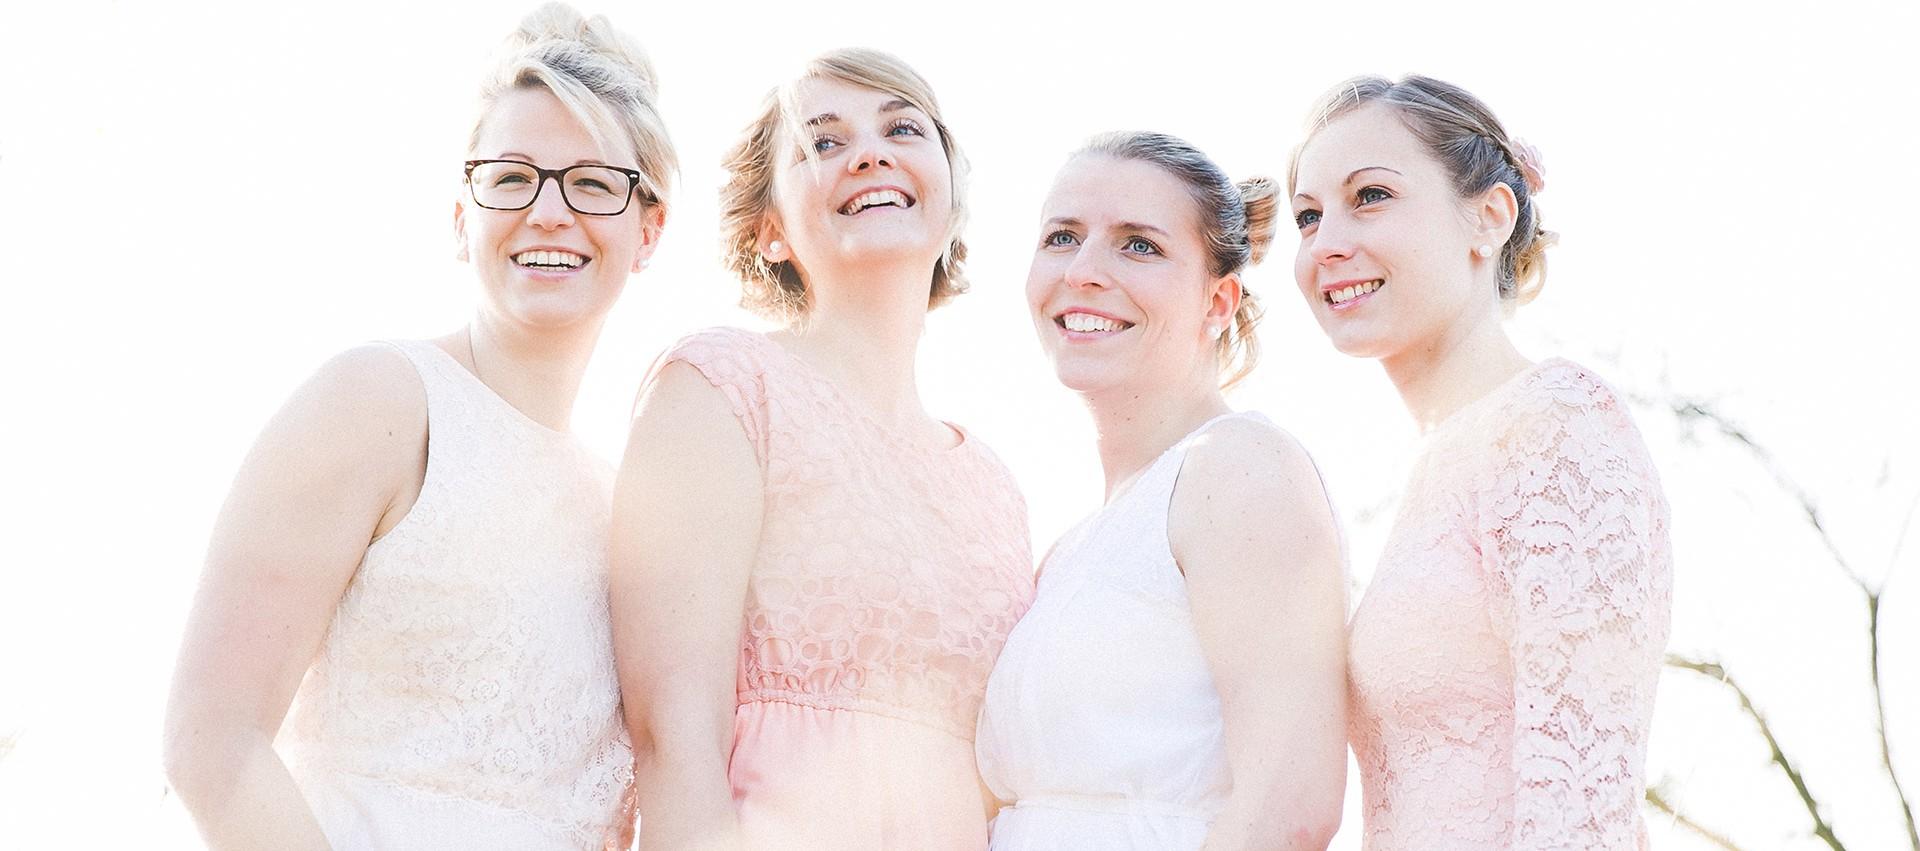 Kosmetikstudio in Weiterstadt mit Styling für Junggesellinnenabschied und Hochzeit